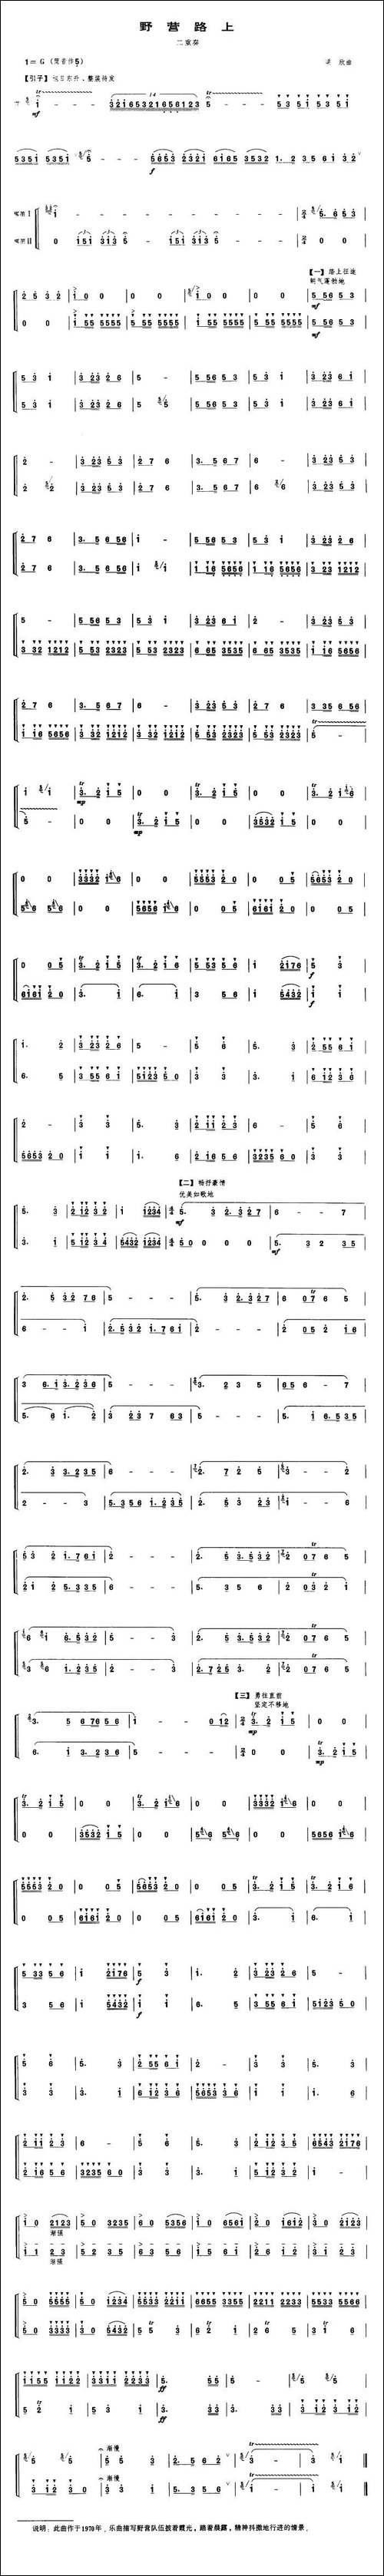 野营路上-梆笛二重奏-笛箫间谱|笛箫谱